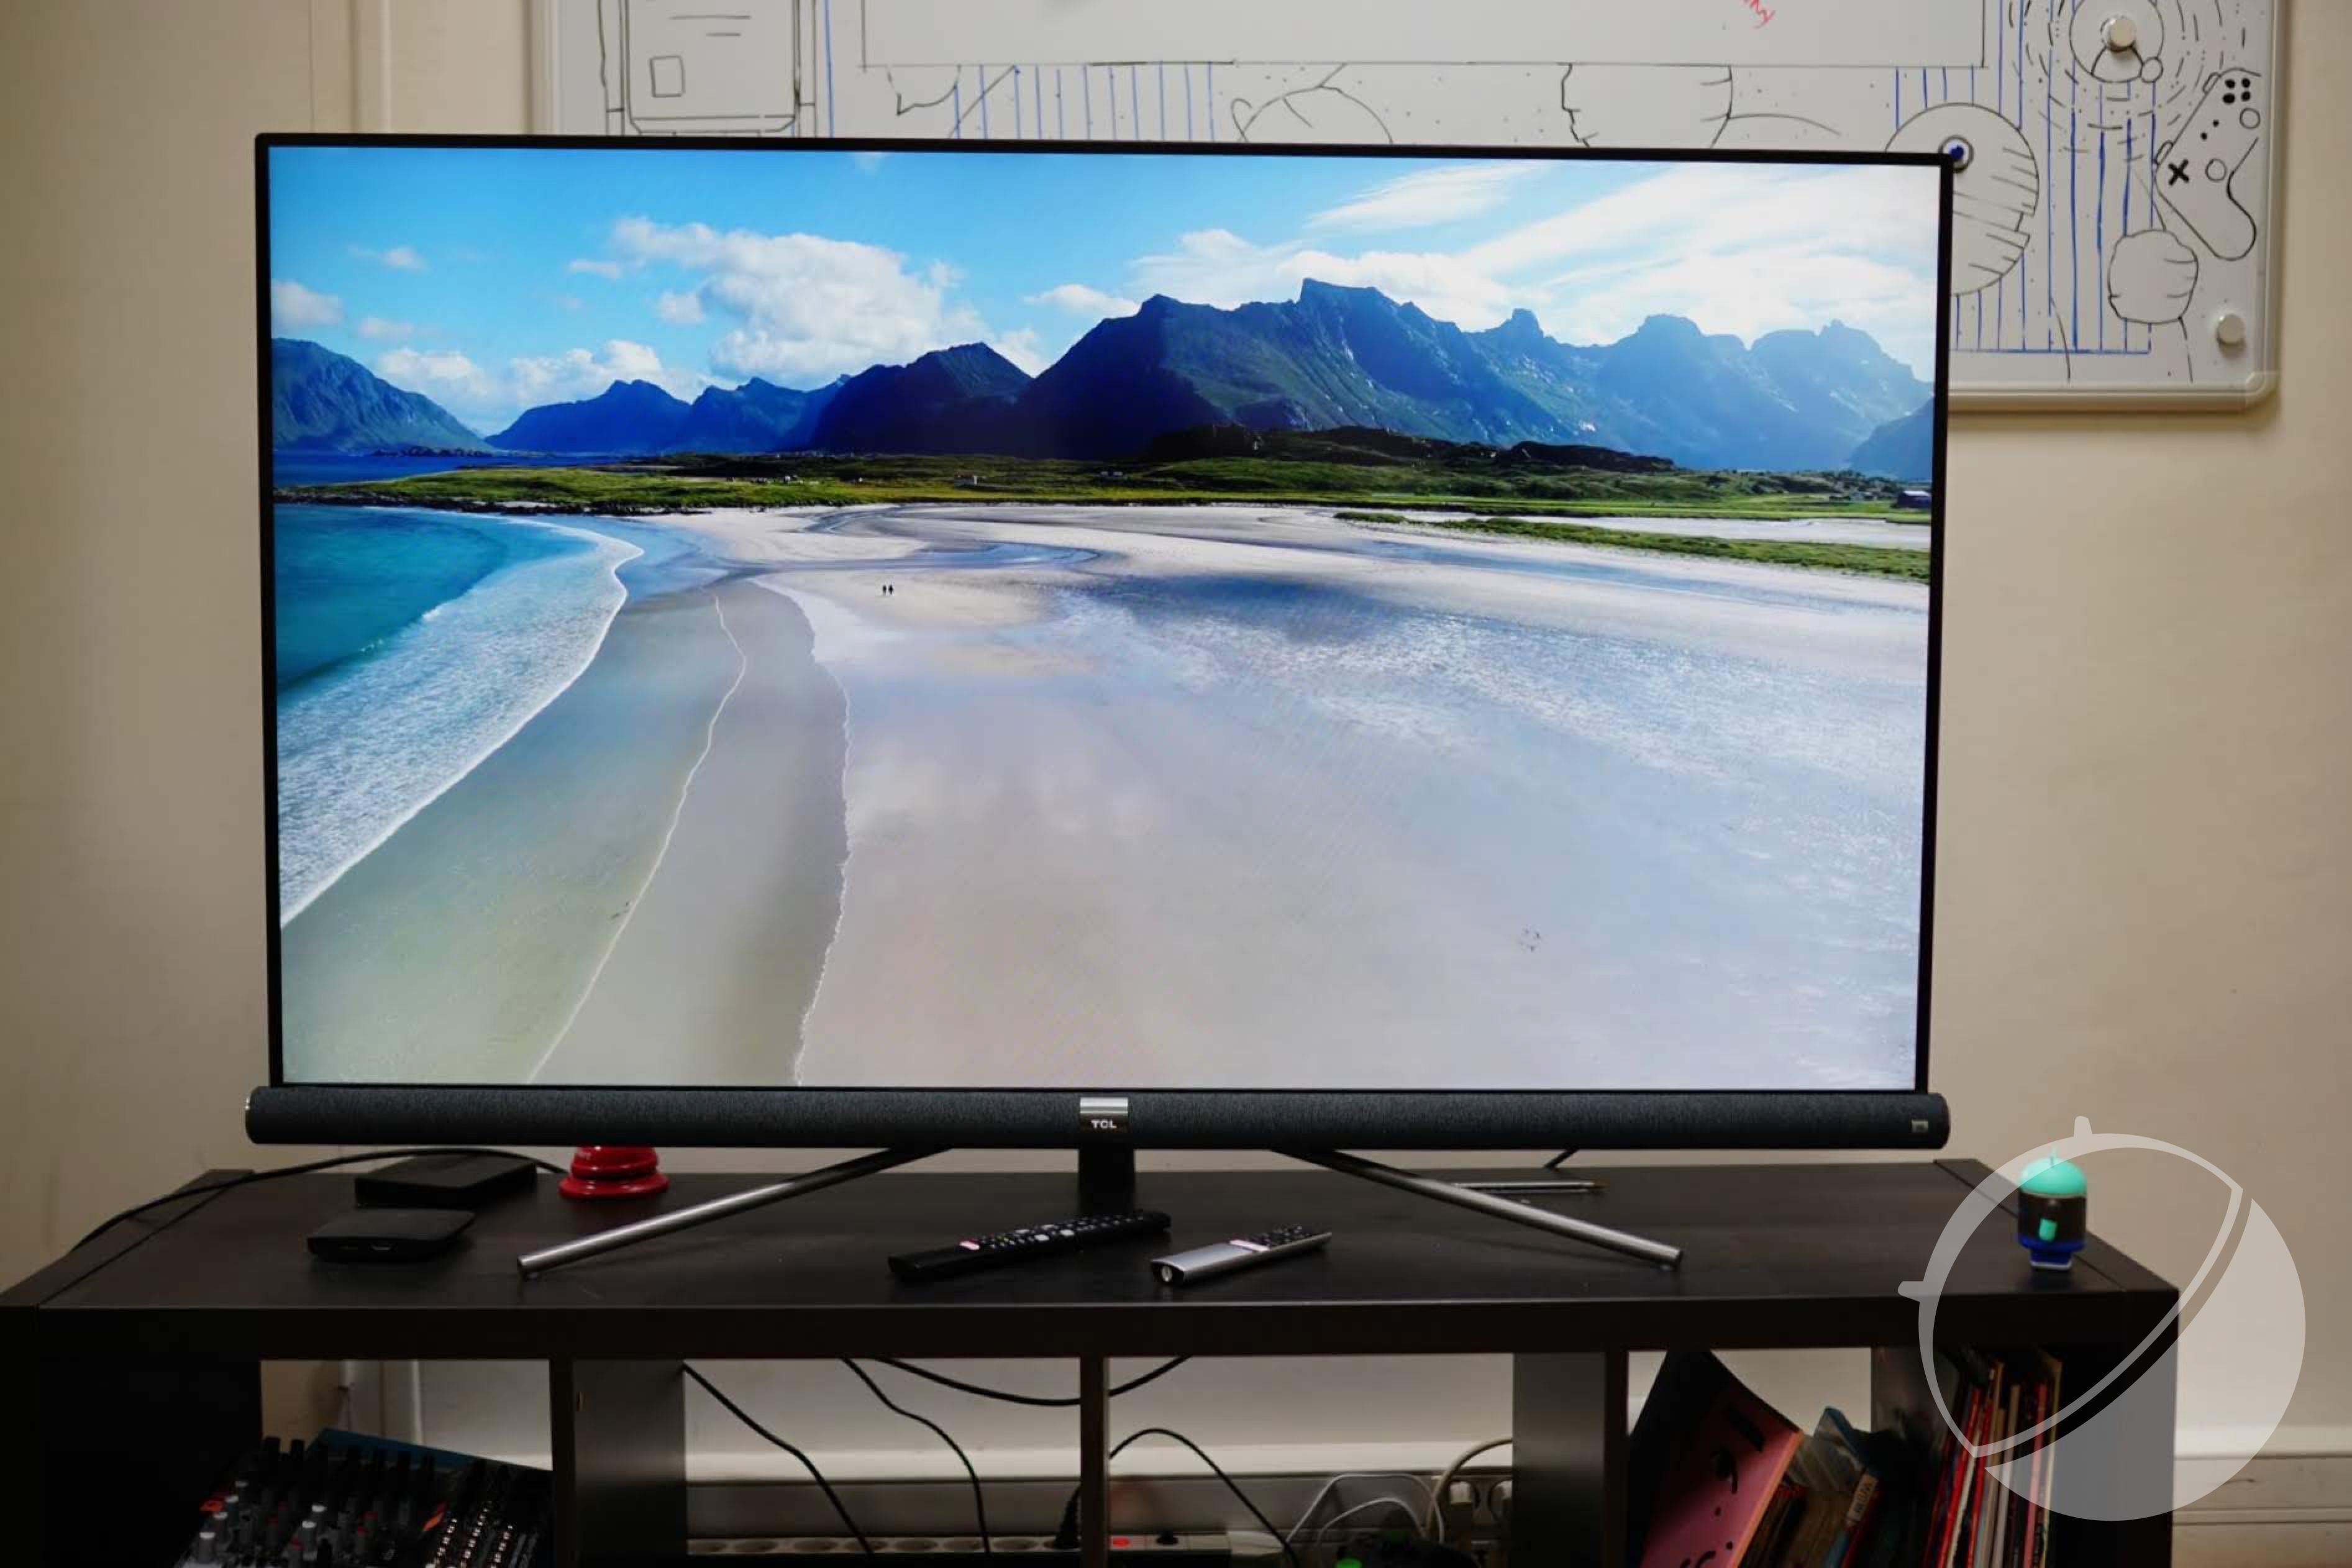 Test de la TCL 55DC760 (série C76) : le téléviseur 4K HDR avec barre de son JBL